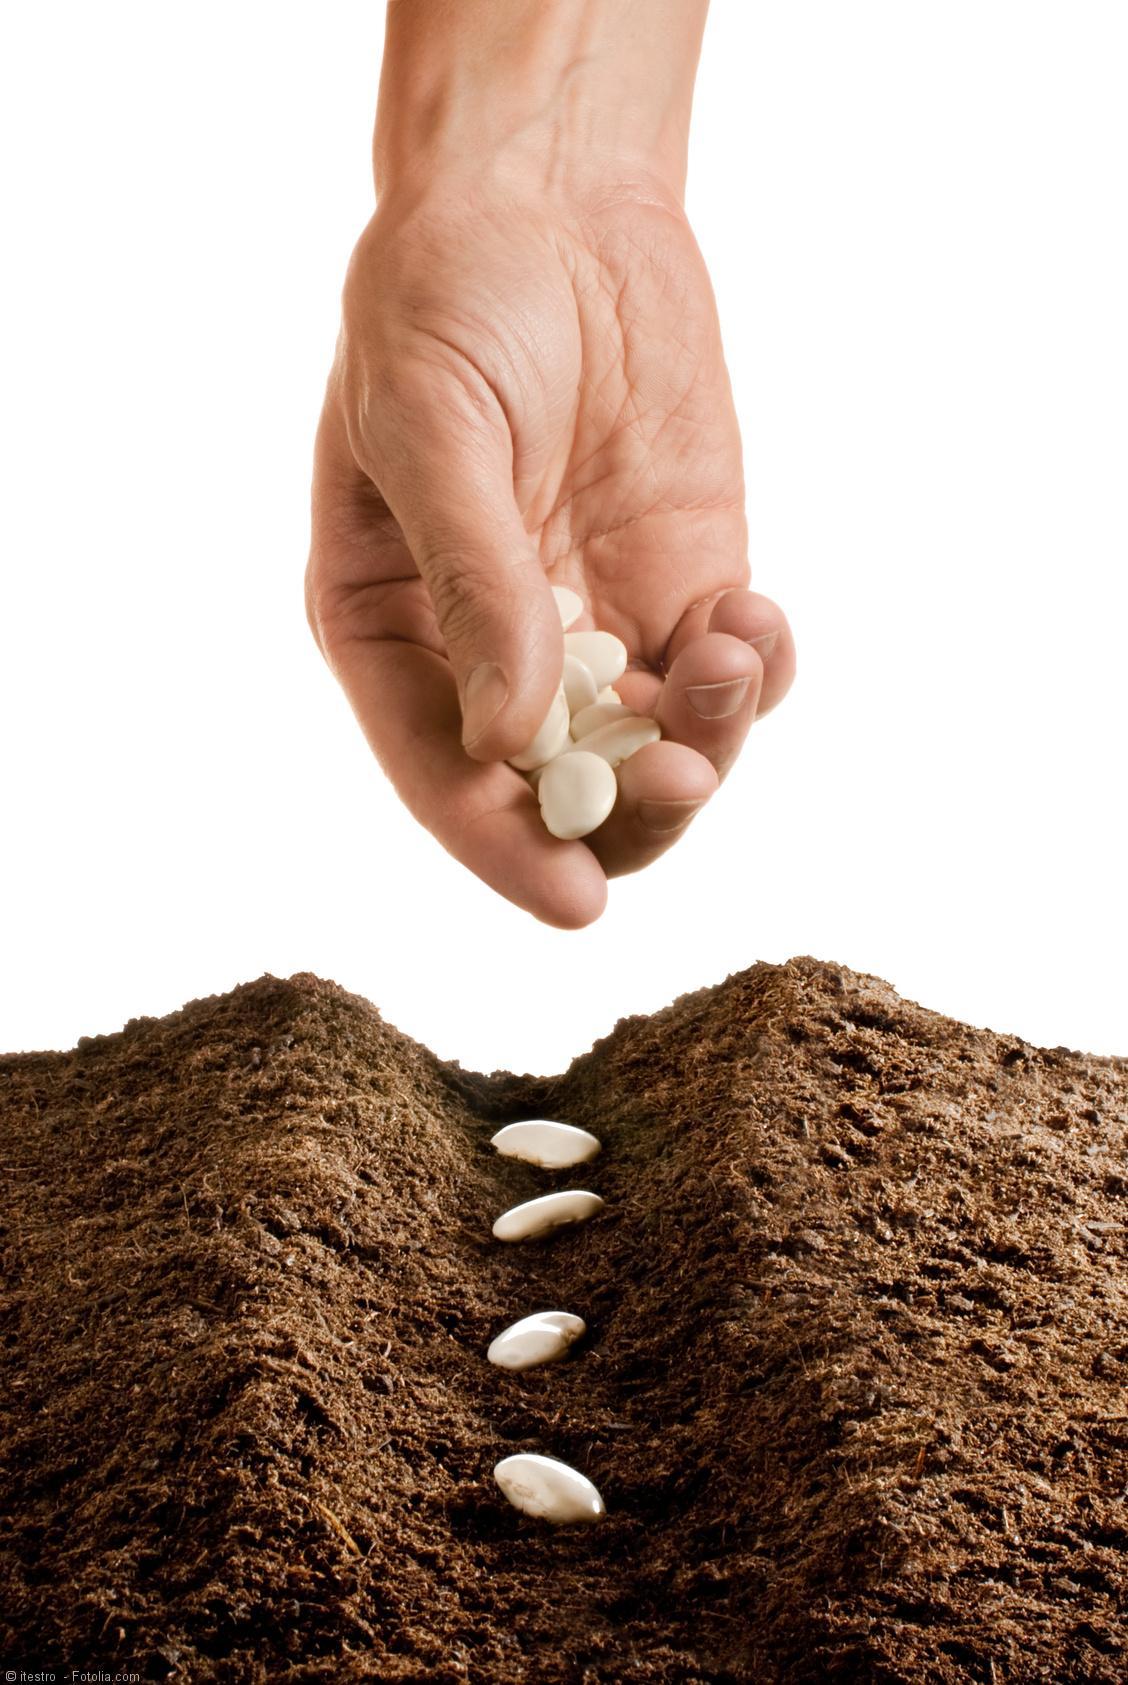 Diätfrei abnehmen und die richtige Saat in Form von passenden Überzeugungen